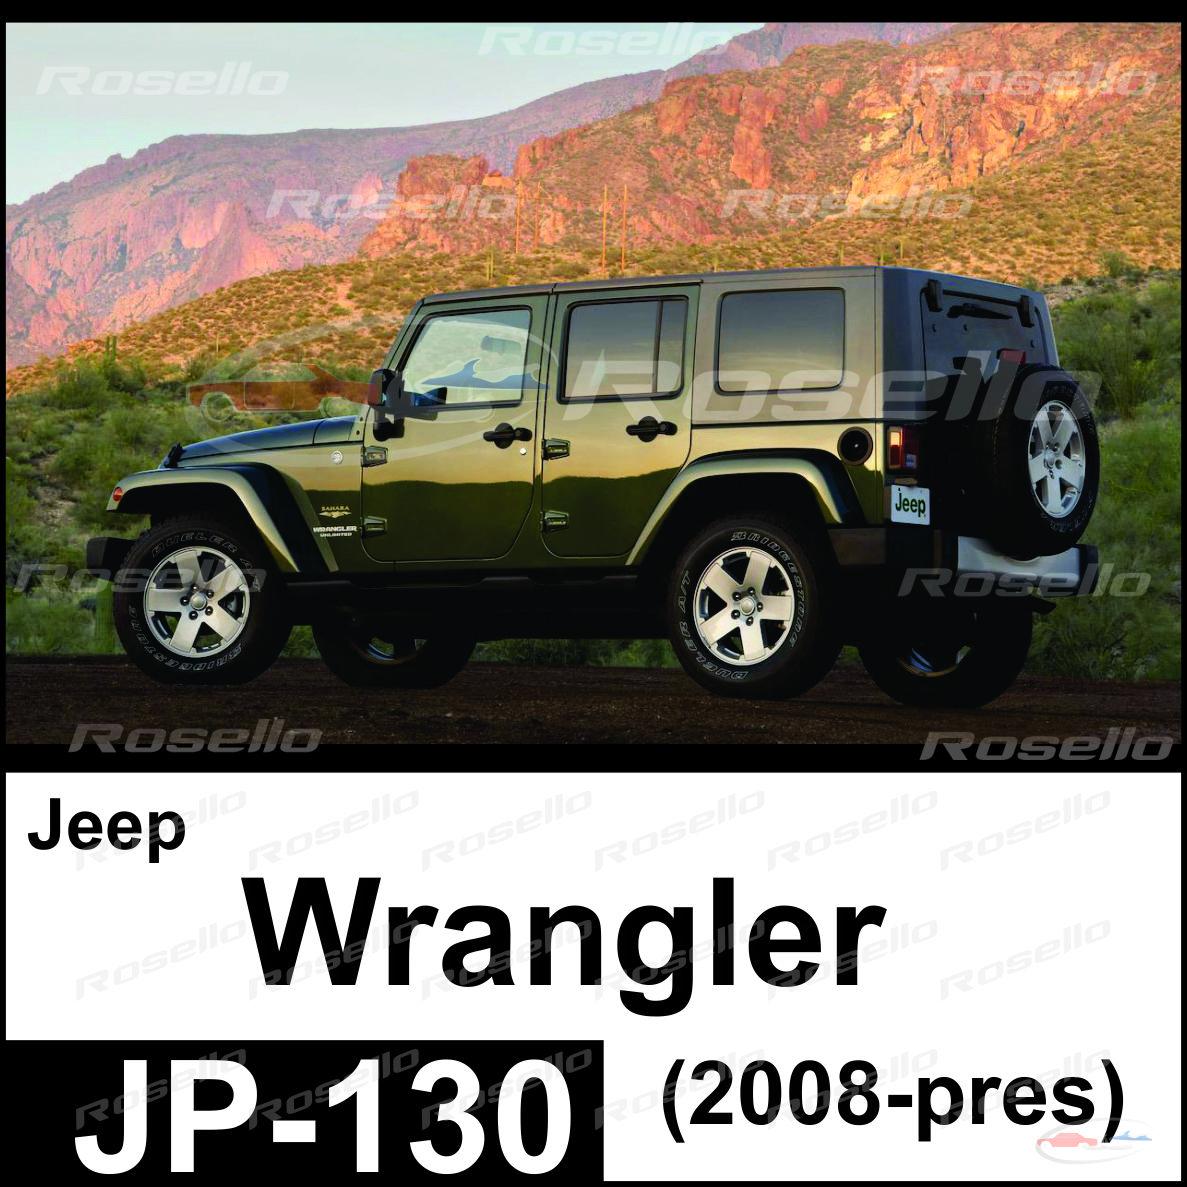 JP-130 / Wrangler